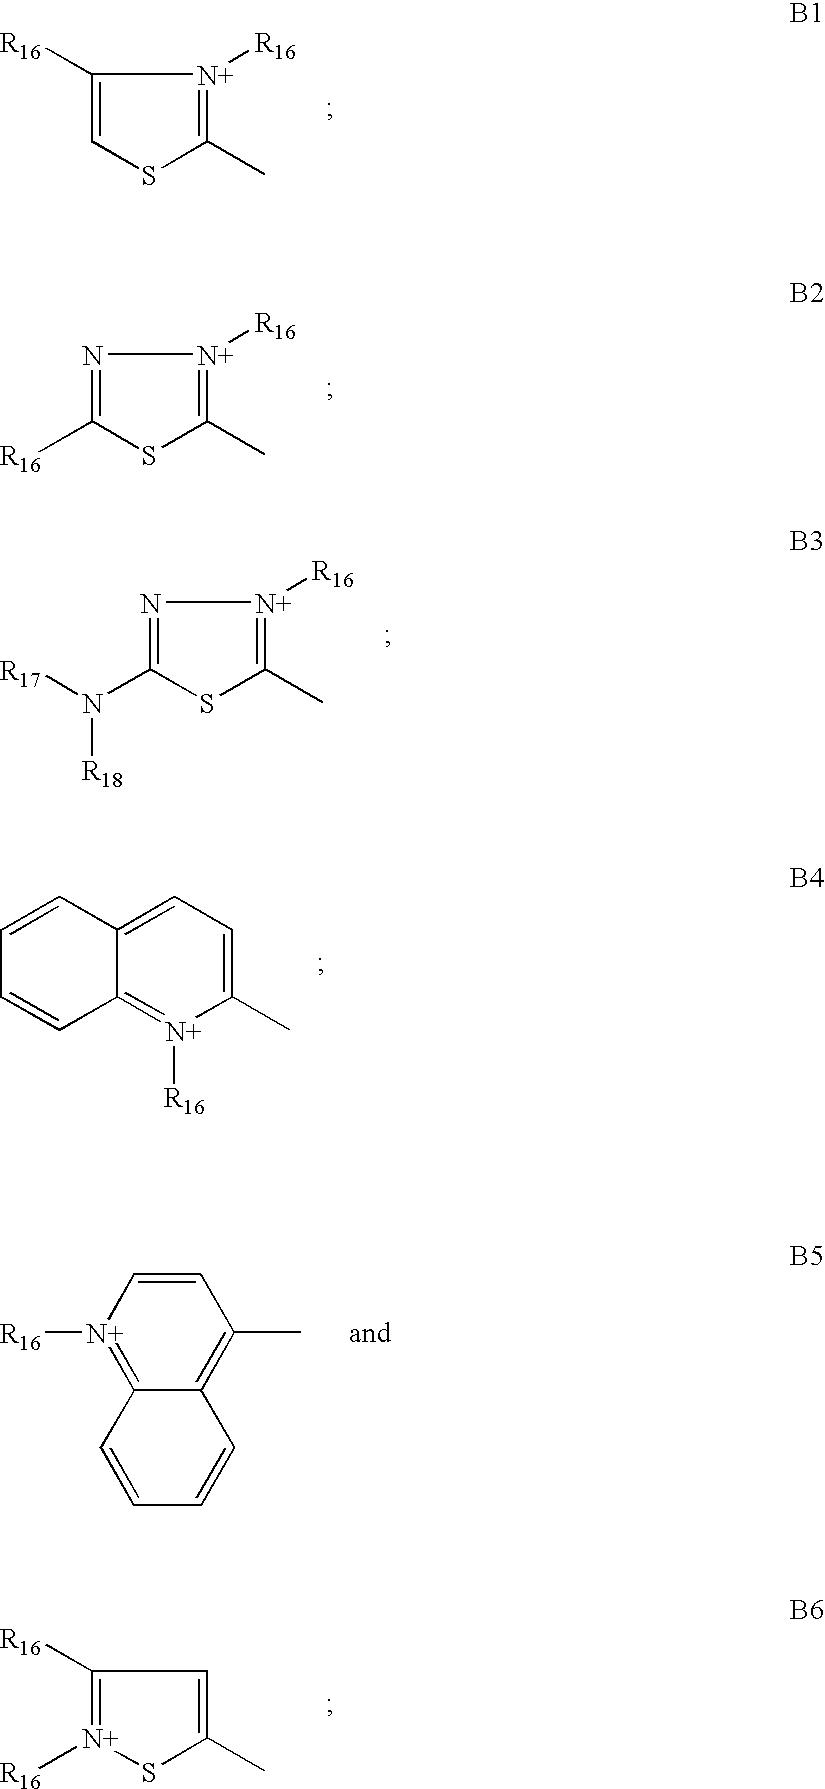 Figure US20040181883A1-20040923-C00005